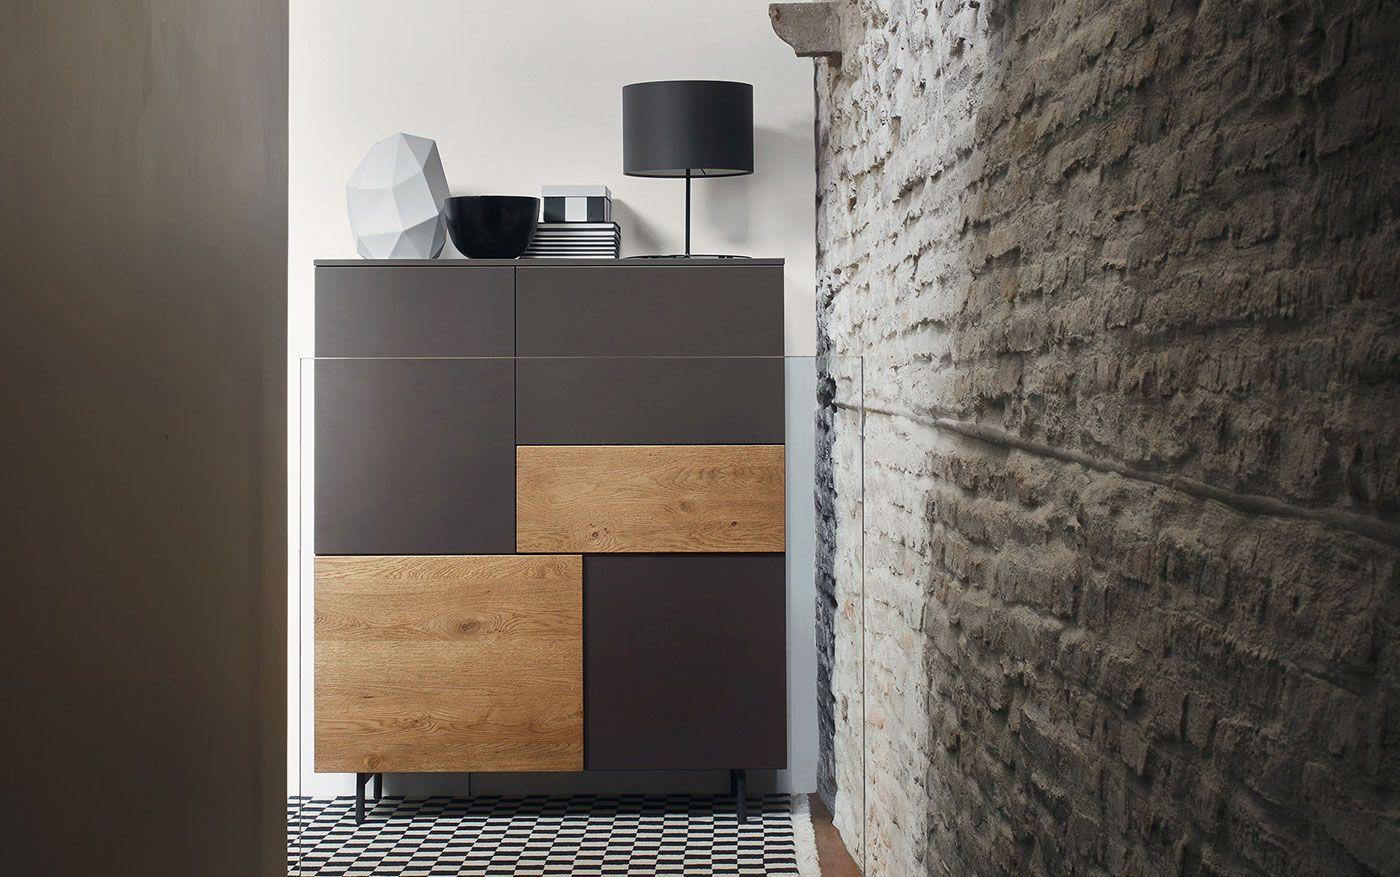 Wohnzimmermöbel kaufen ~ Highboard incontro möbel wohnzimmermöbel highboards